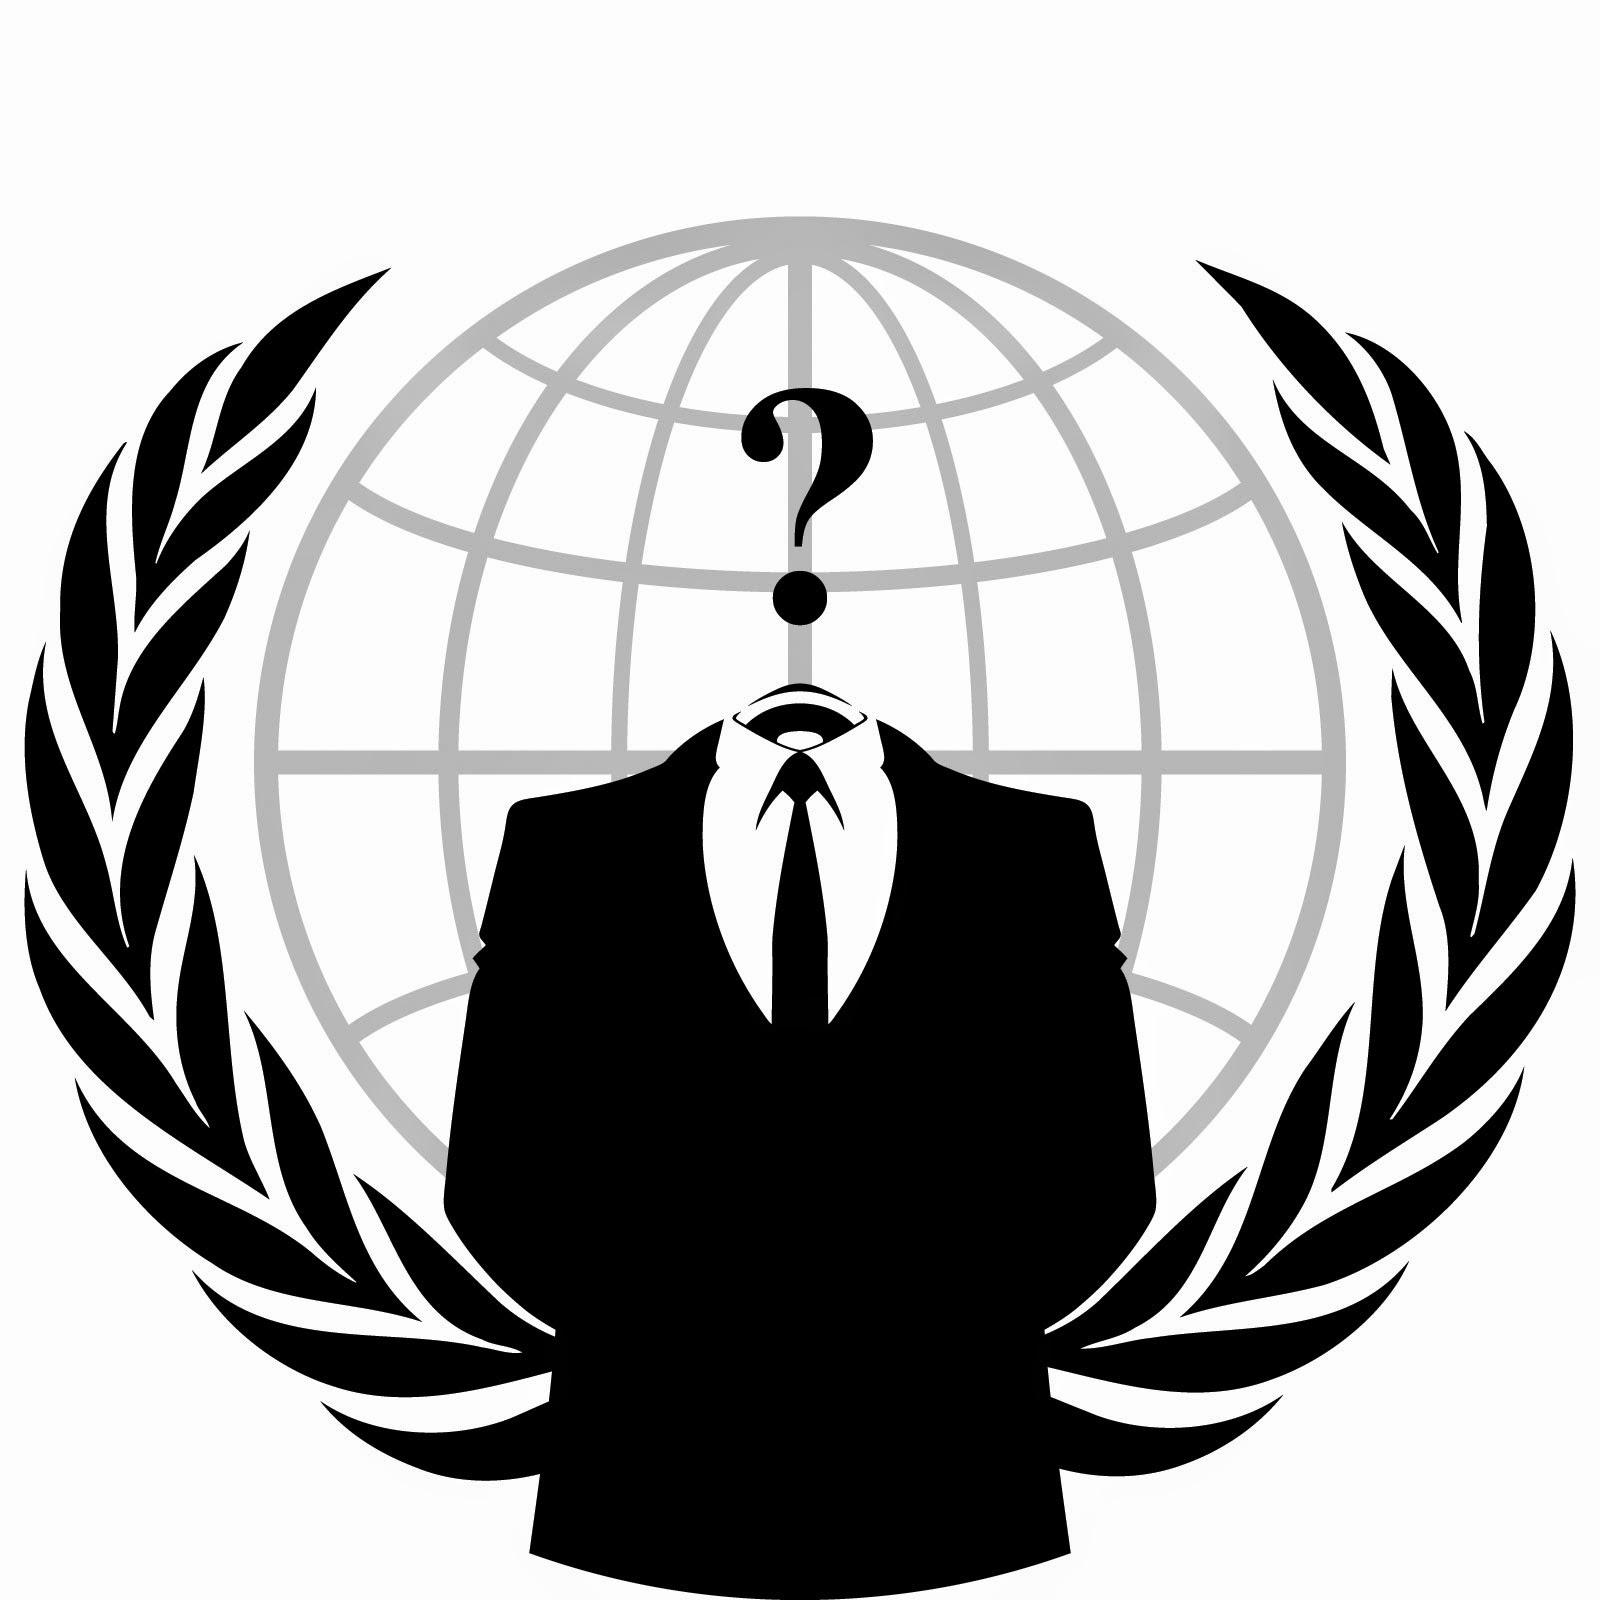 أداه بروكسي مجانيه لحماية خصوصيتك واخفاء هويتك وبياناتك علي الانترنت UltraSurf 14.04